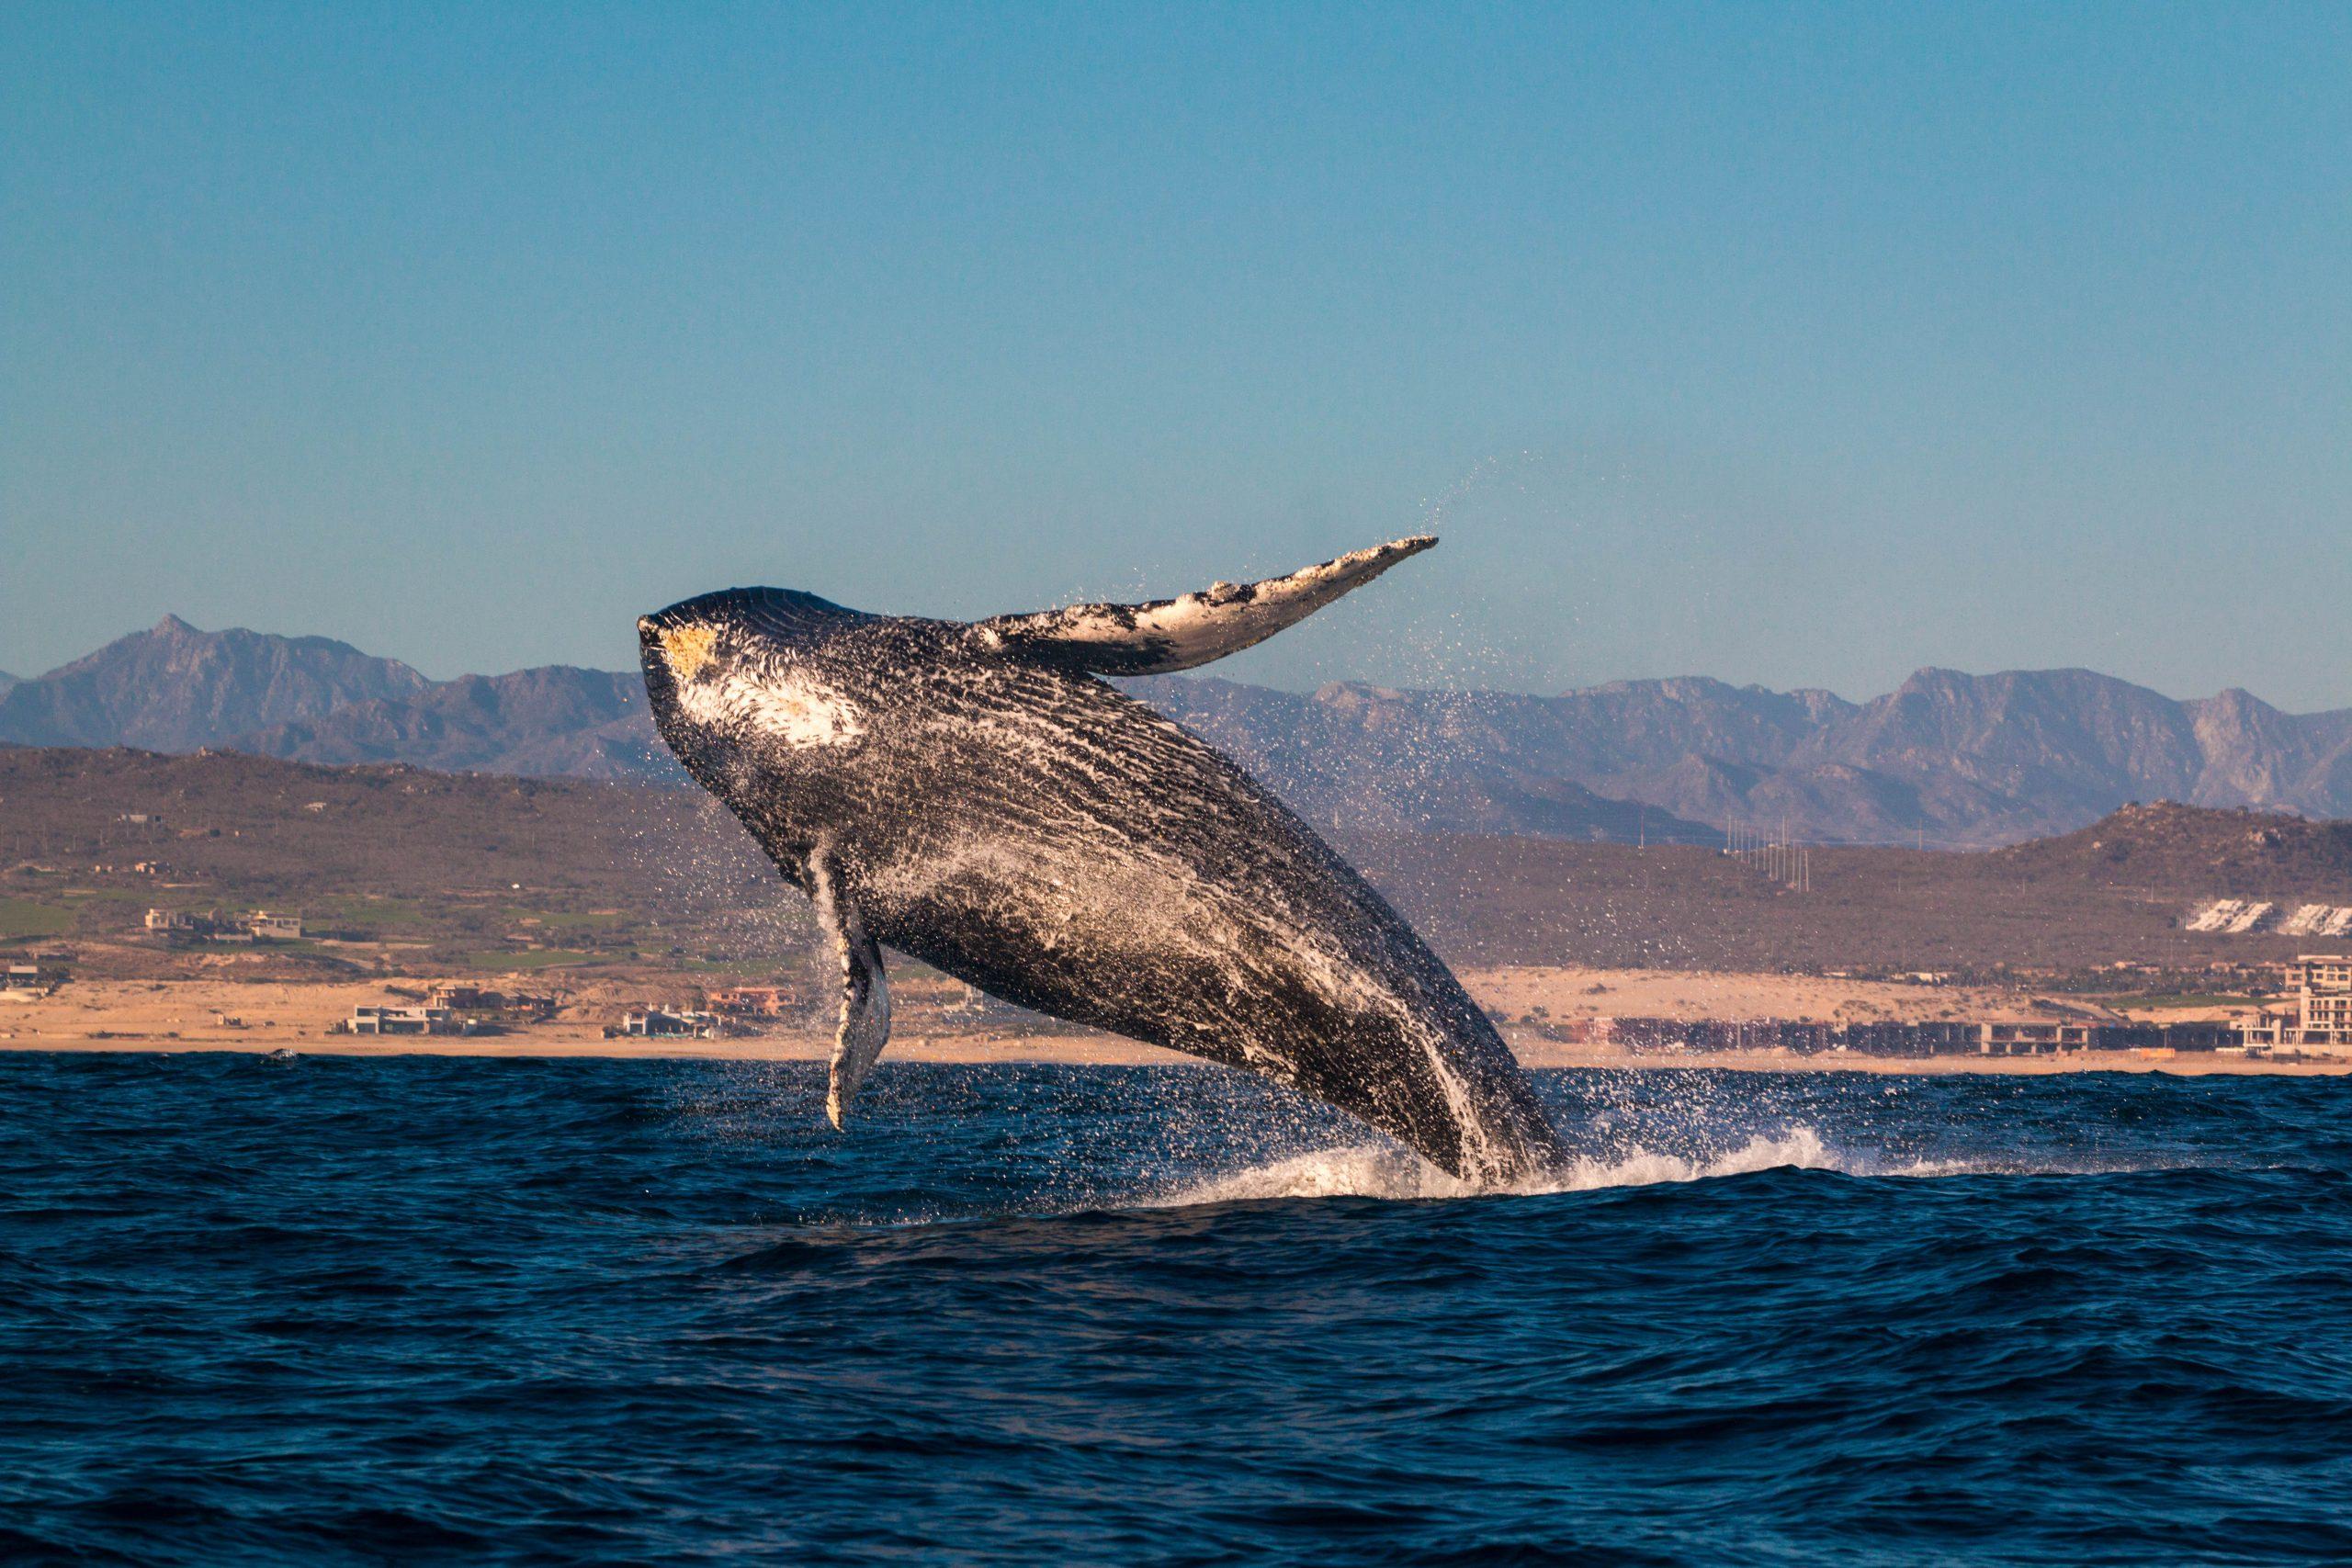 Cetáceos en Chile- imagen de una ballena voladora en Chile.